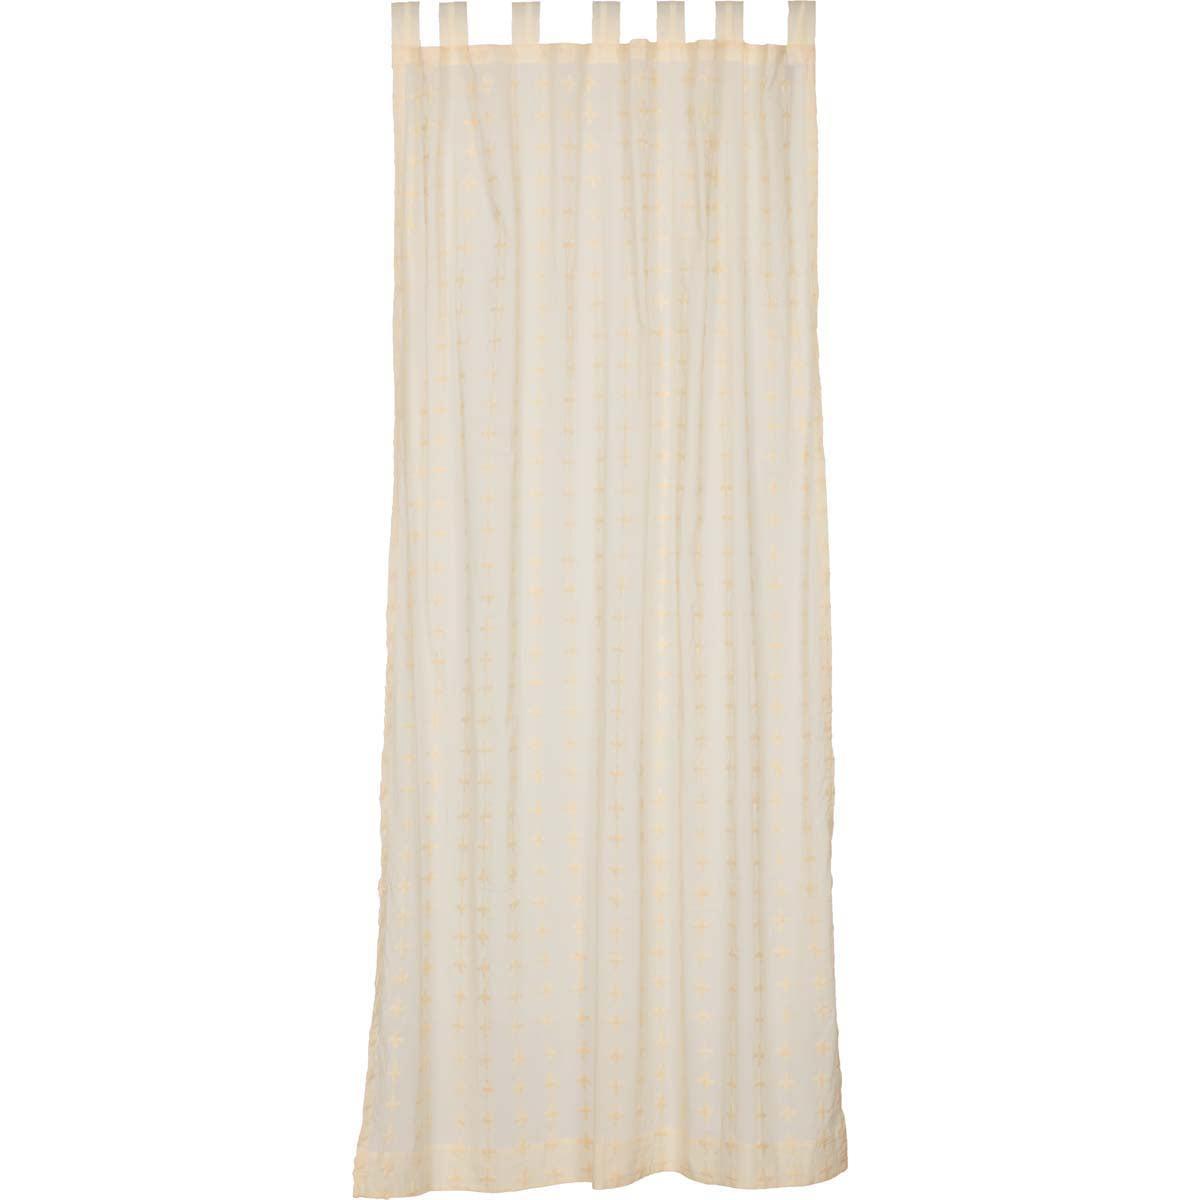 Creme White Farmhouse Curtains Willow Tab Top Cotton Tie